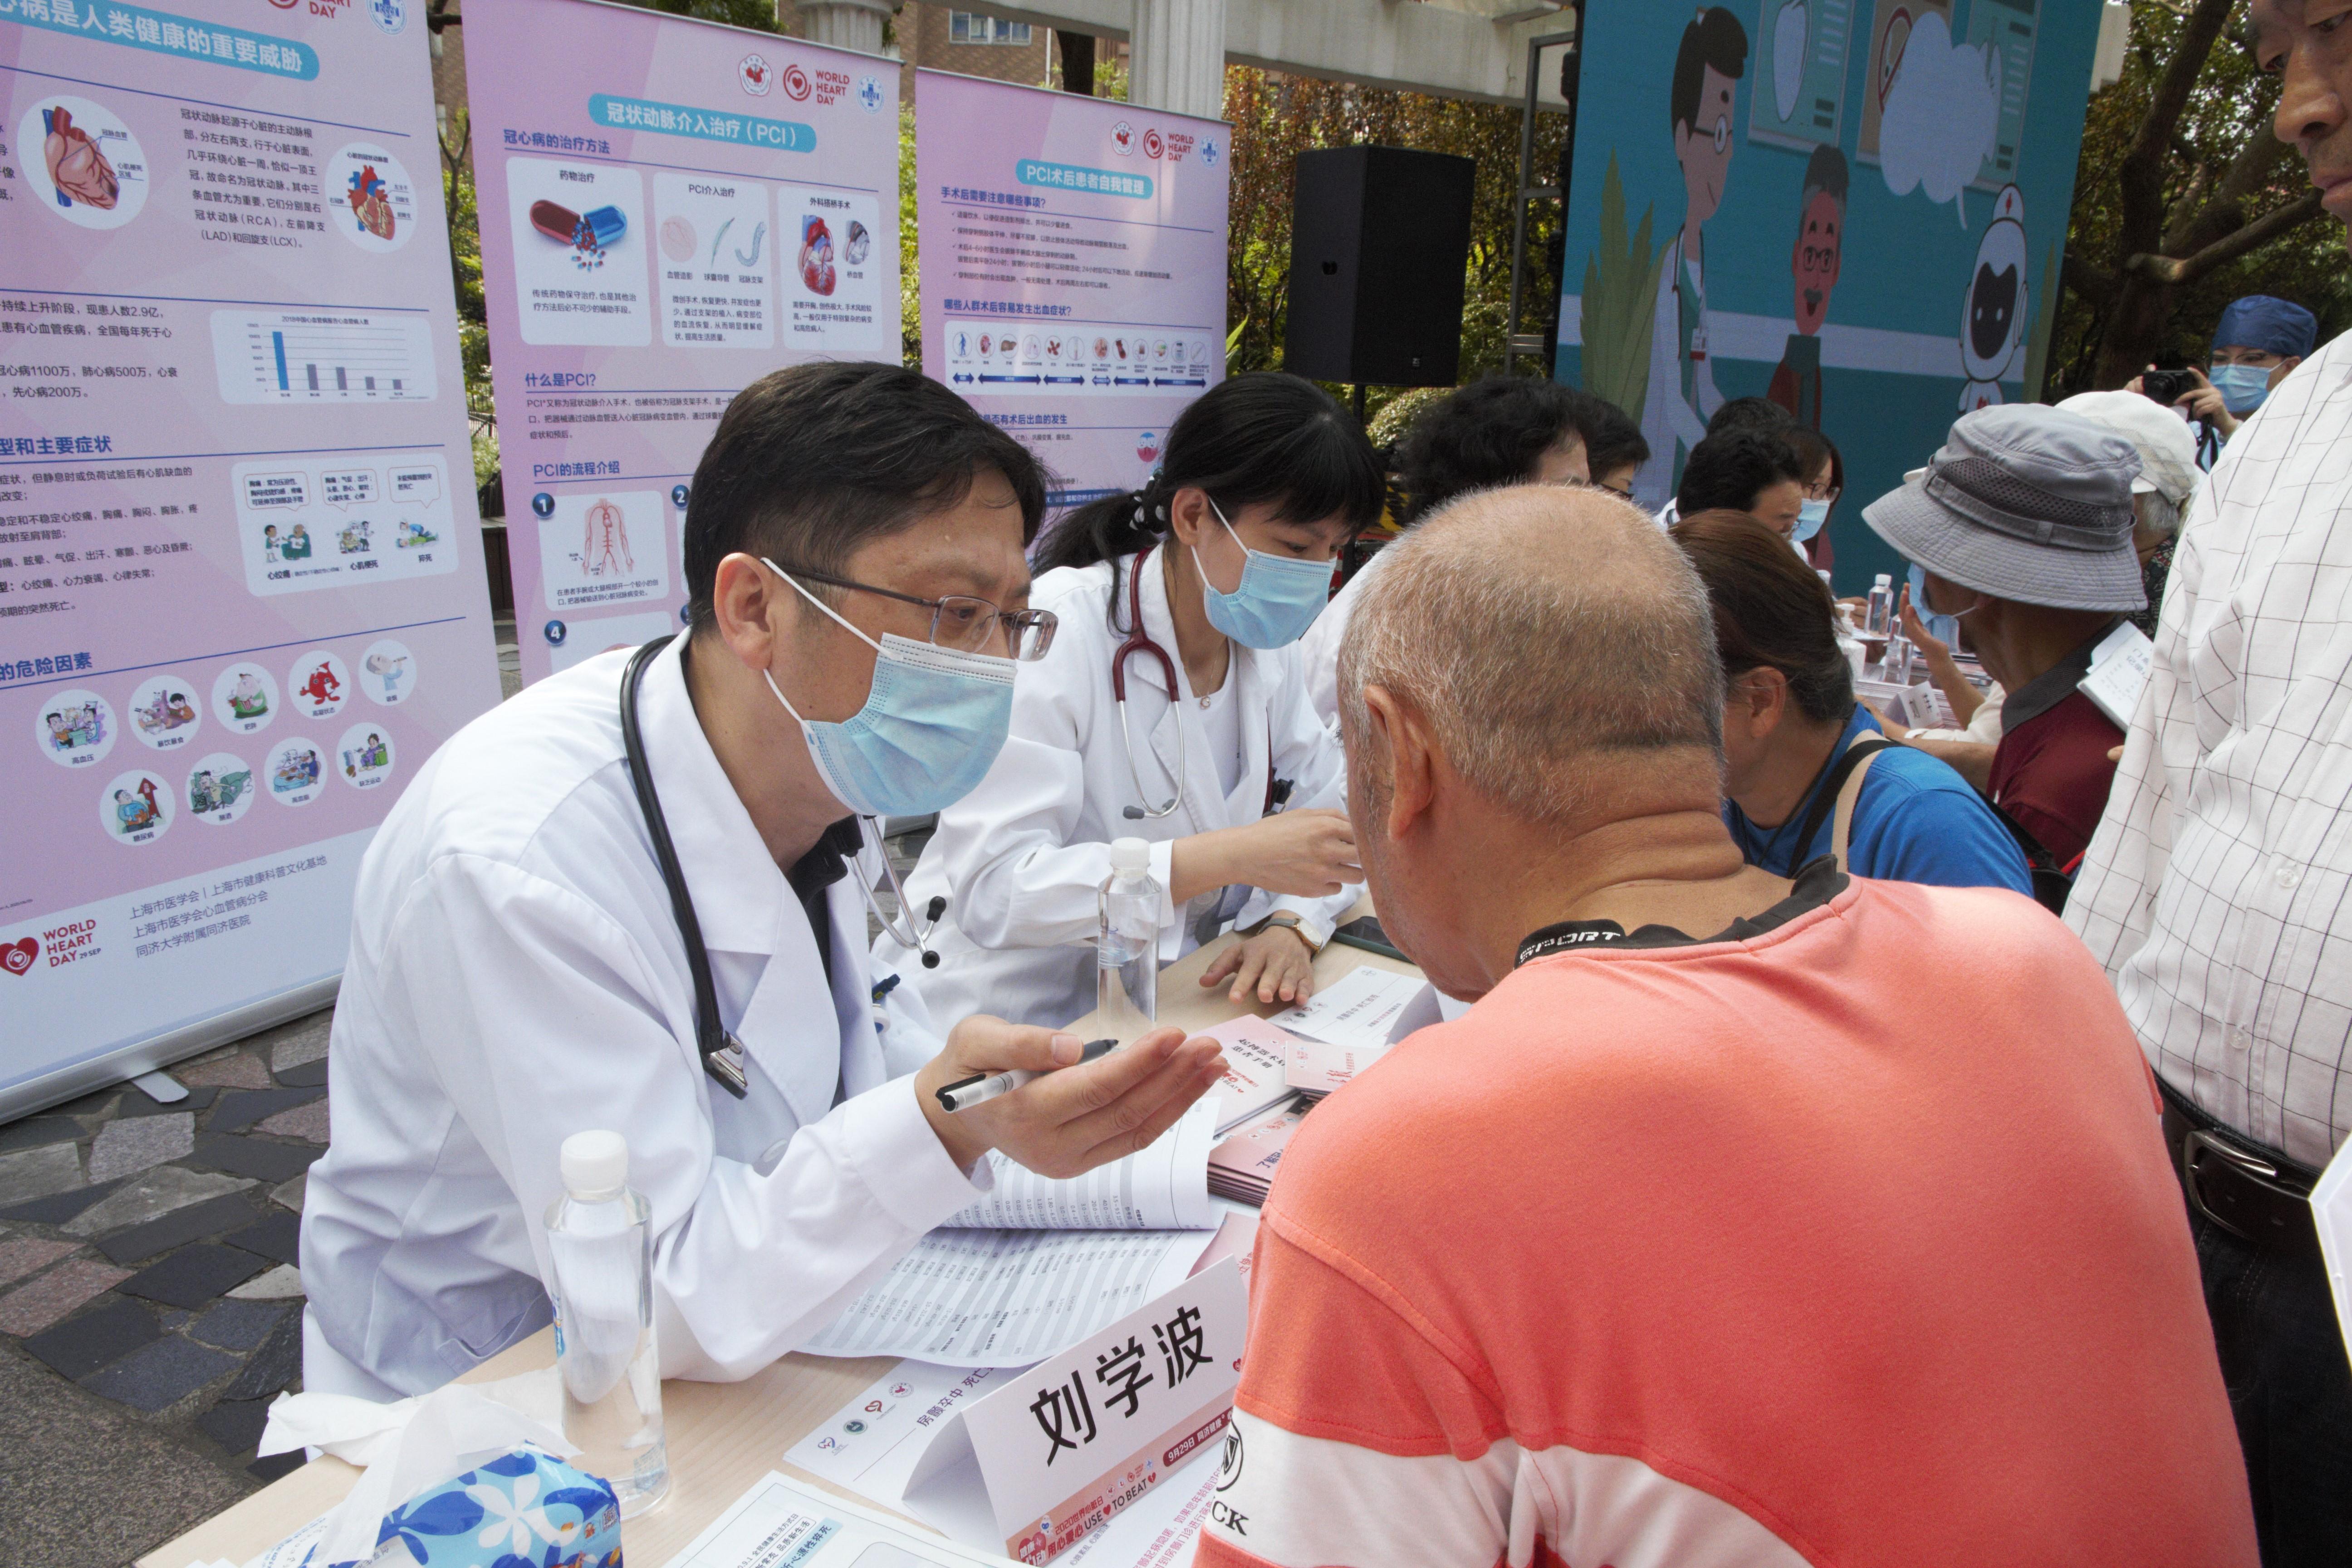 崛起中的同济医院心血管内科 世界心脏病日心内科风采